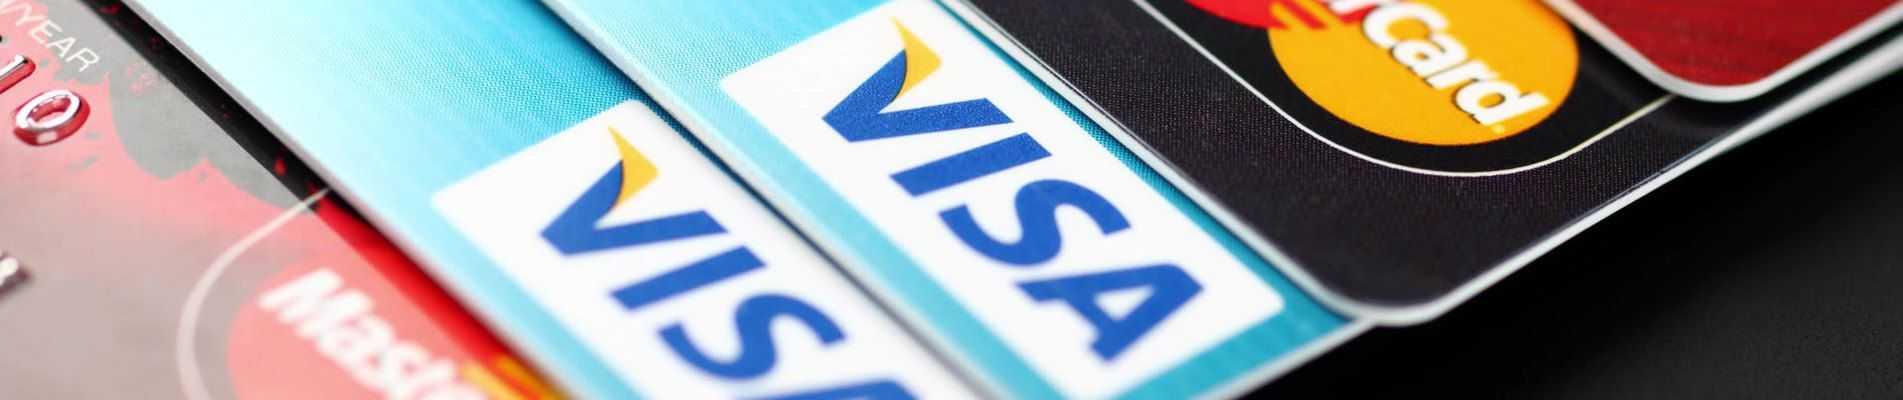 Πιστωτικές Κάρτες - Τρόποι Πληρωμής